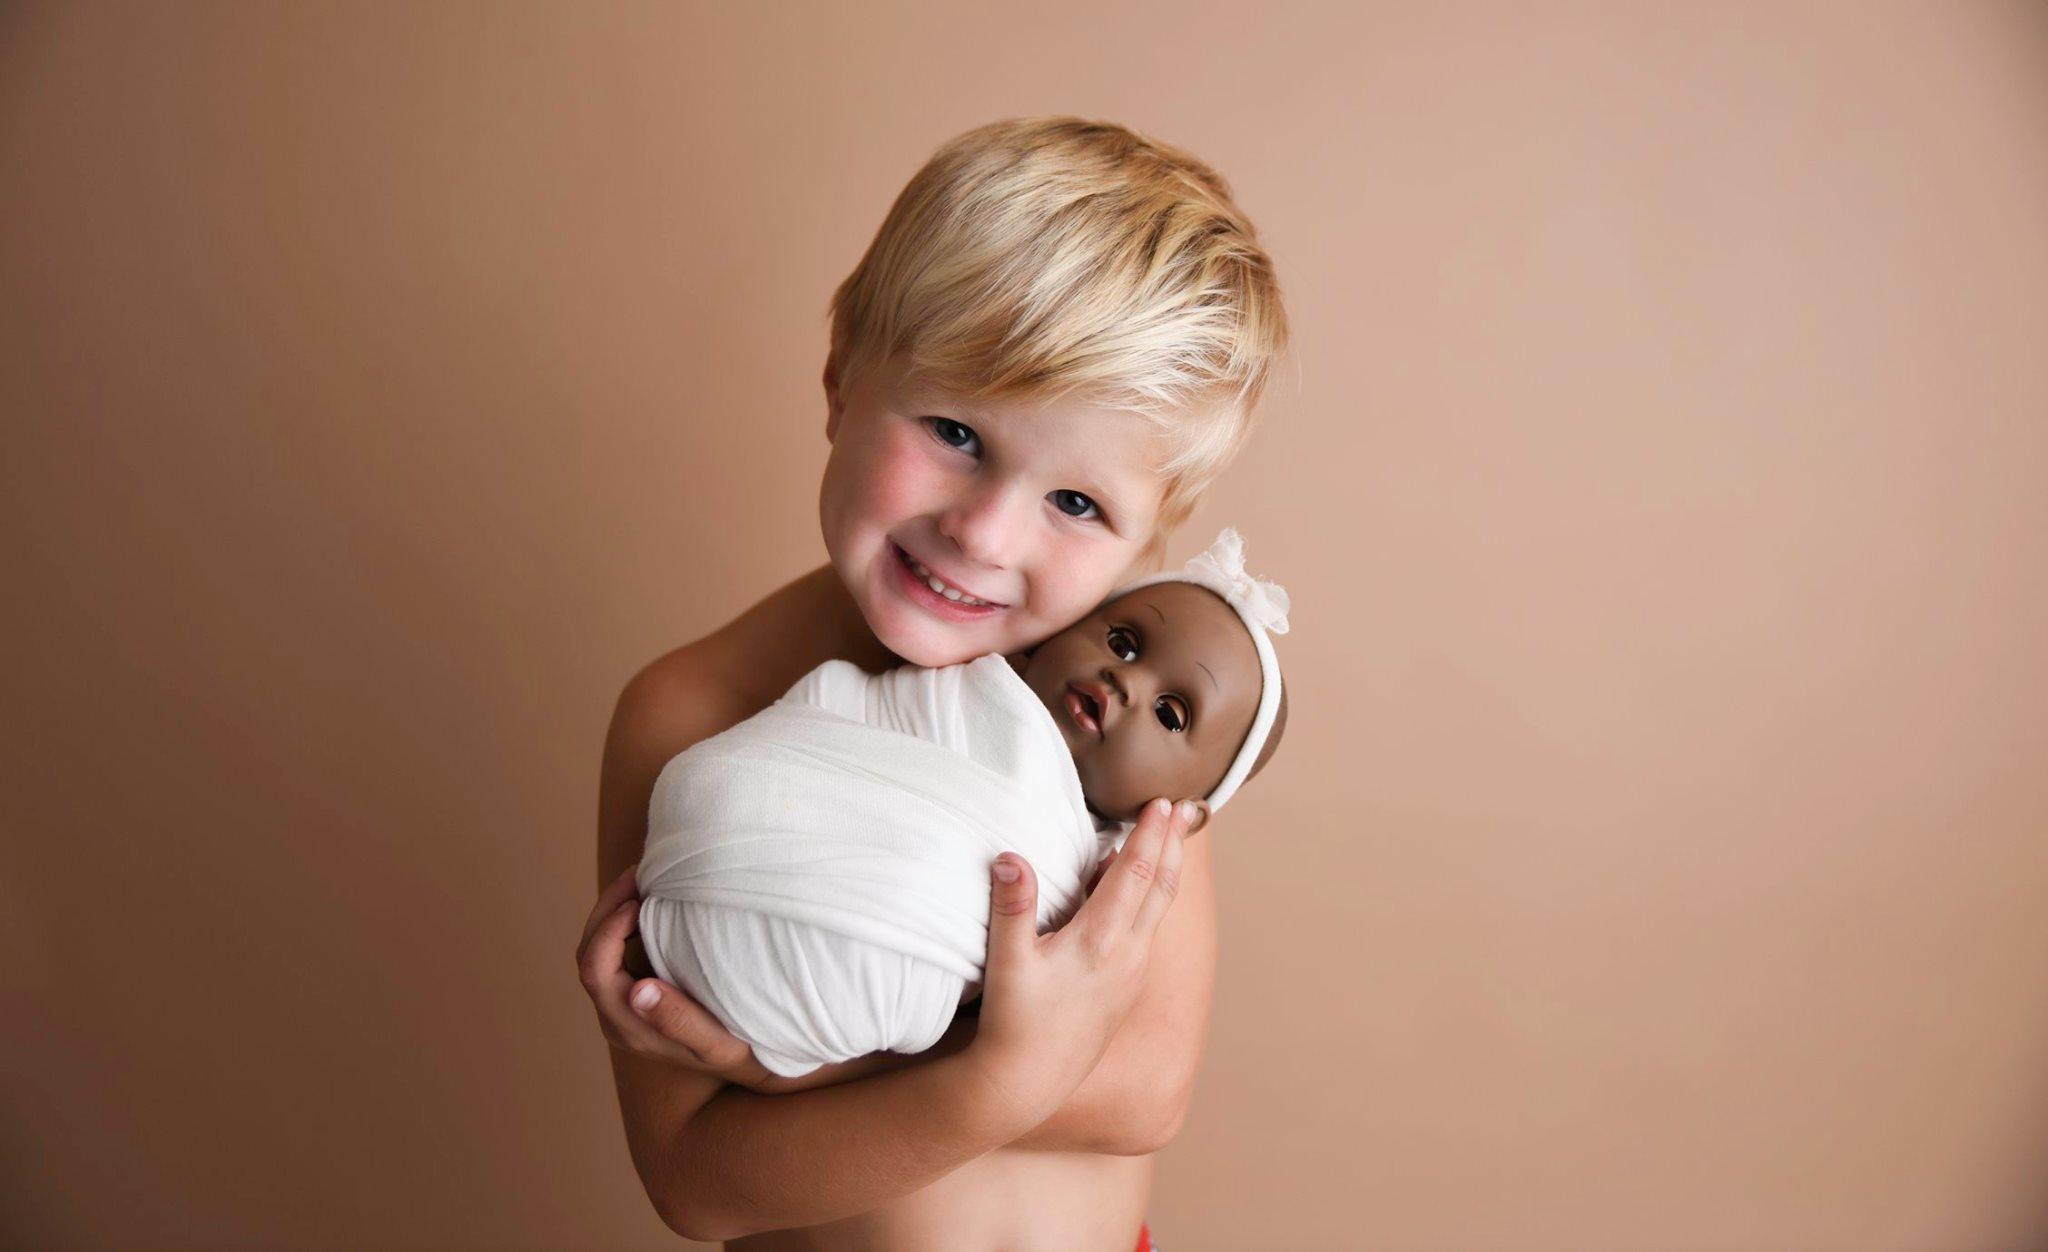 Ensaio de Jynsen com sua boneca